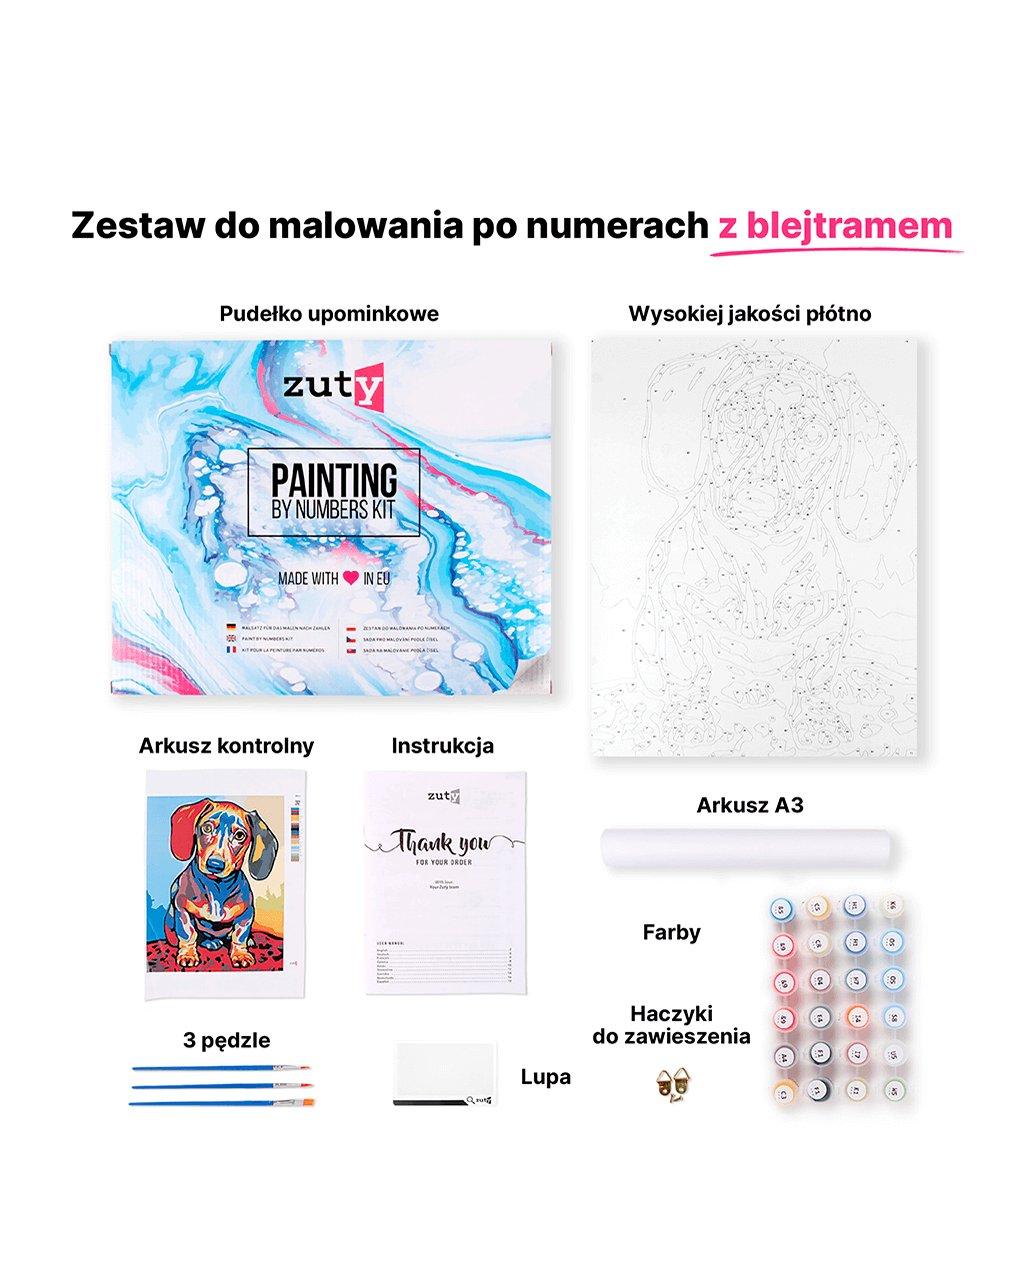 Malowanie po numerach - Skrzypce i winogrono (Picasso)